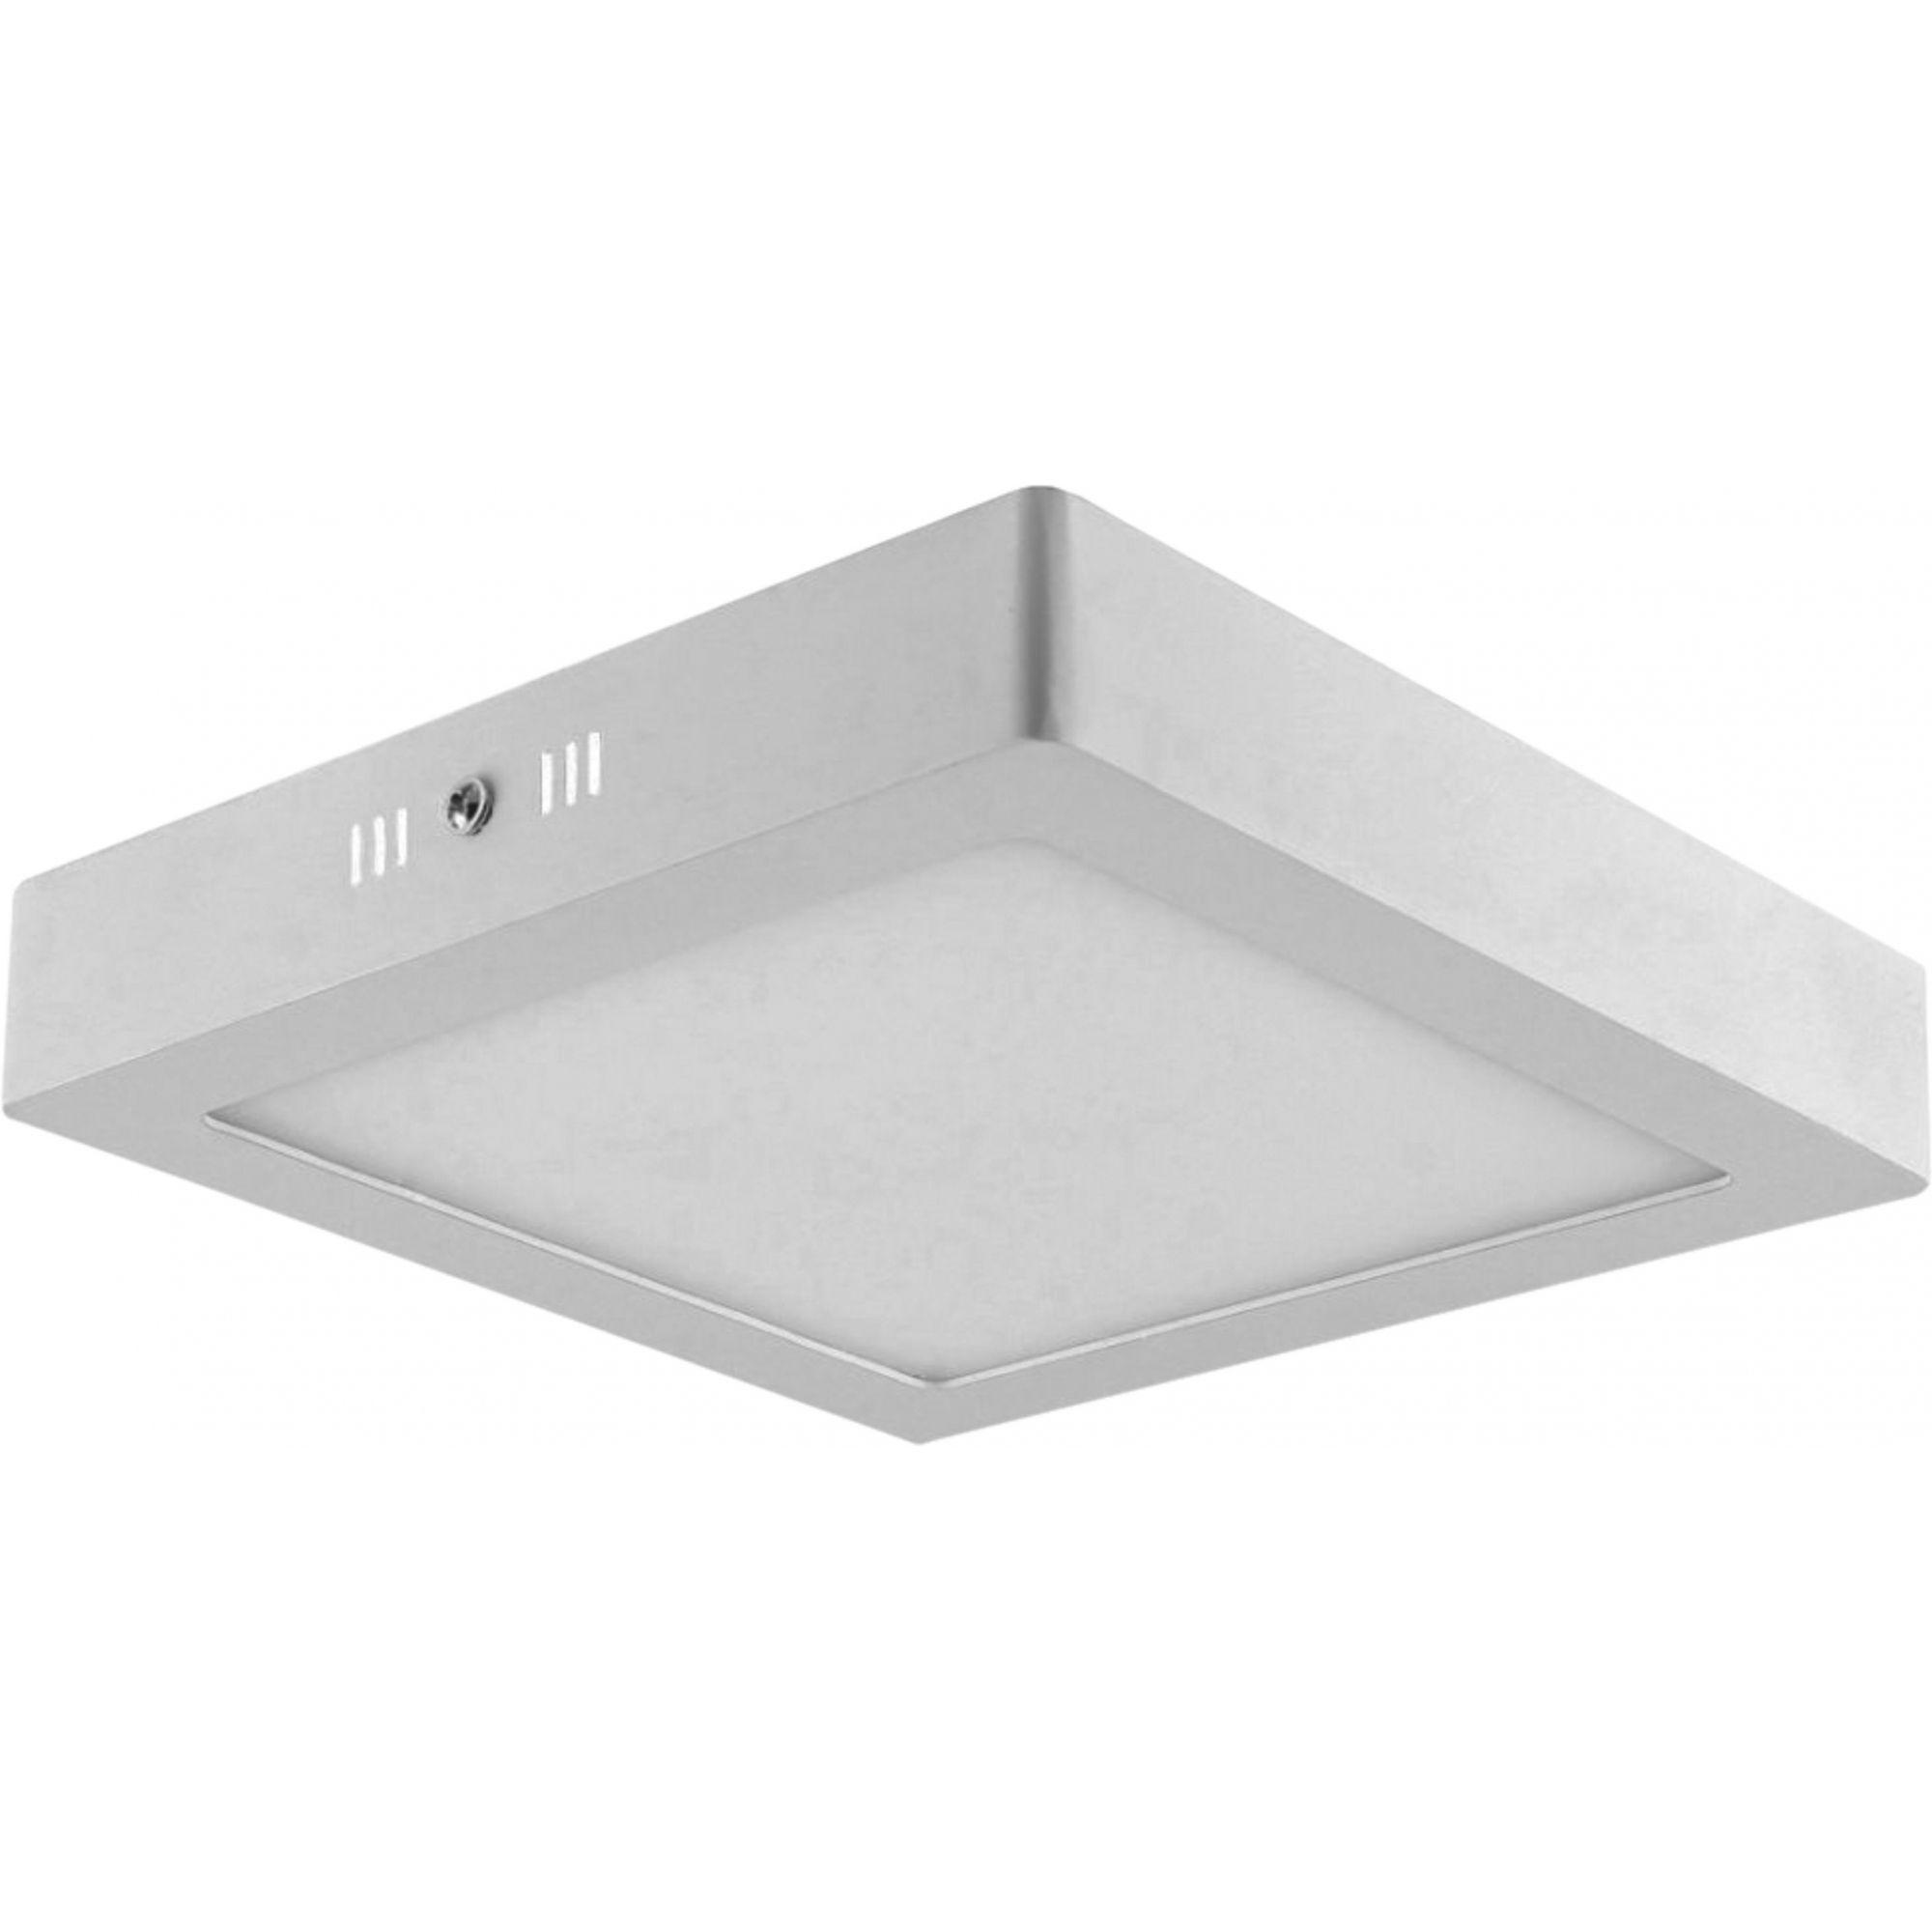 Painel LED Sobrepor 24W 30X30CM Quadrado Bivolt - Branco Quente 3000K